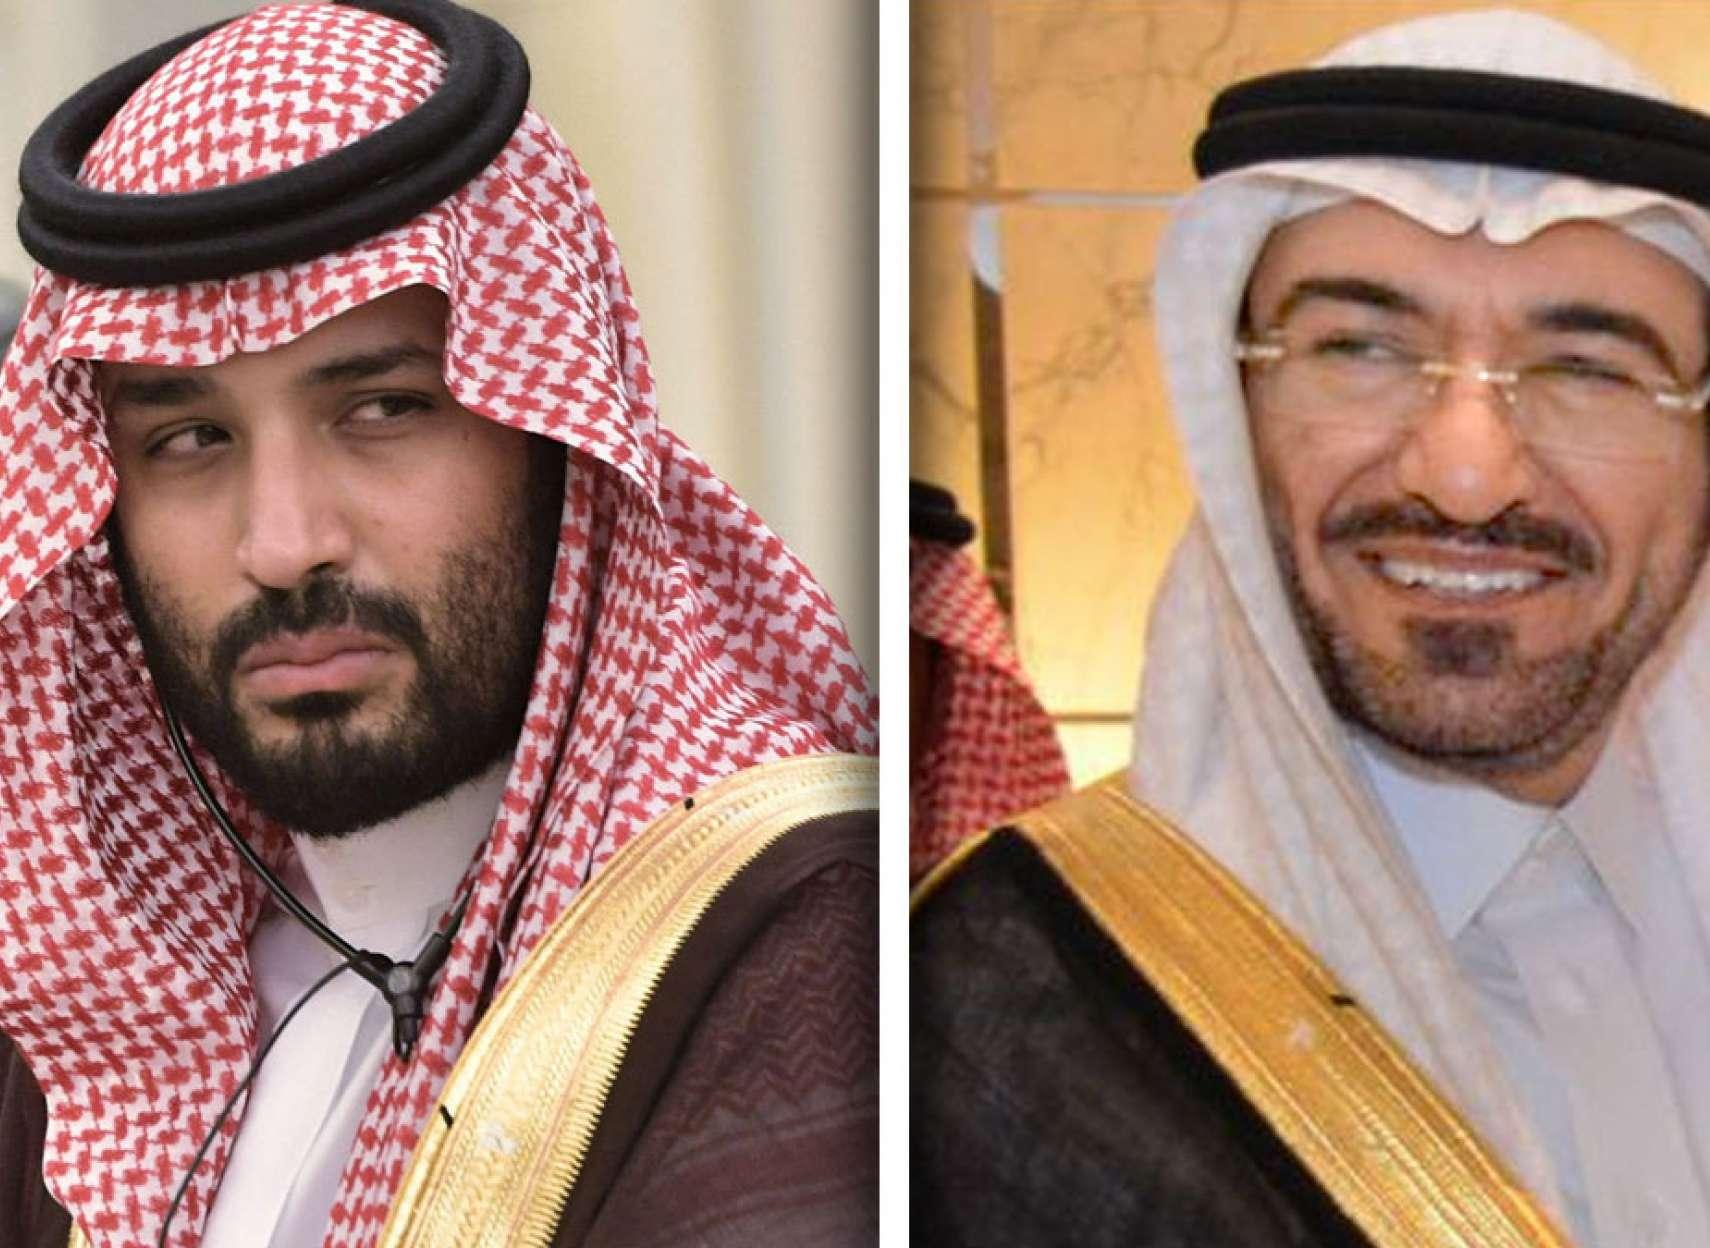 اخبار-کانادا-عربستان-سعودی-جاسوس-مخفی-شده-ما-در-کانادا-۴۵-میلیارد-دلار-از-ما-دزدیده